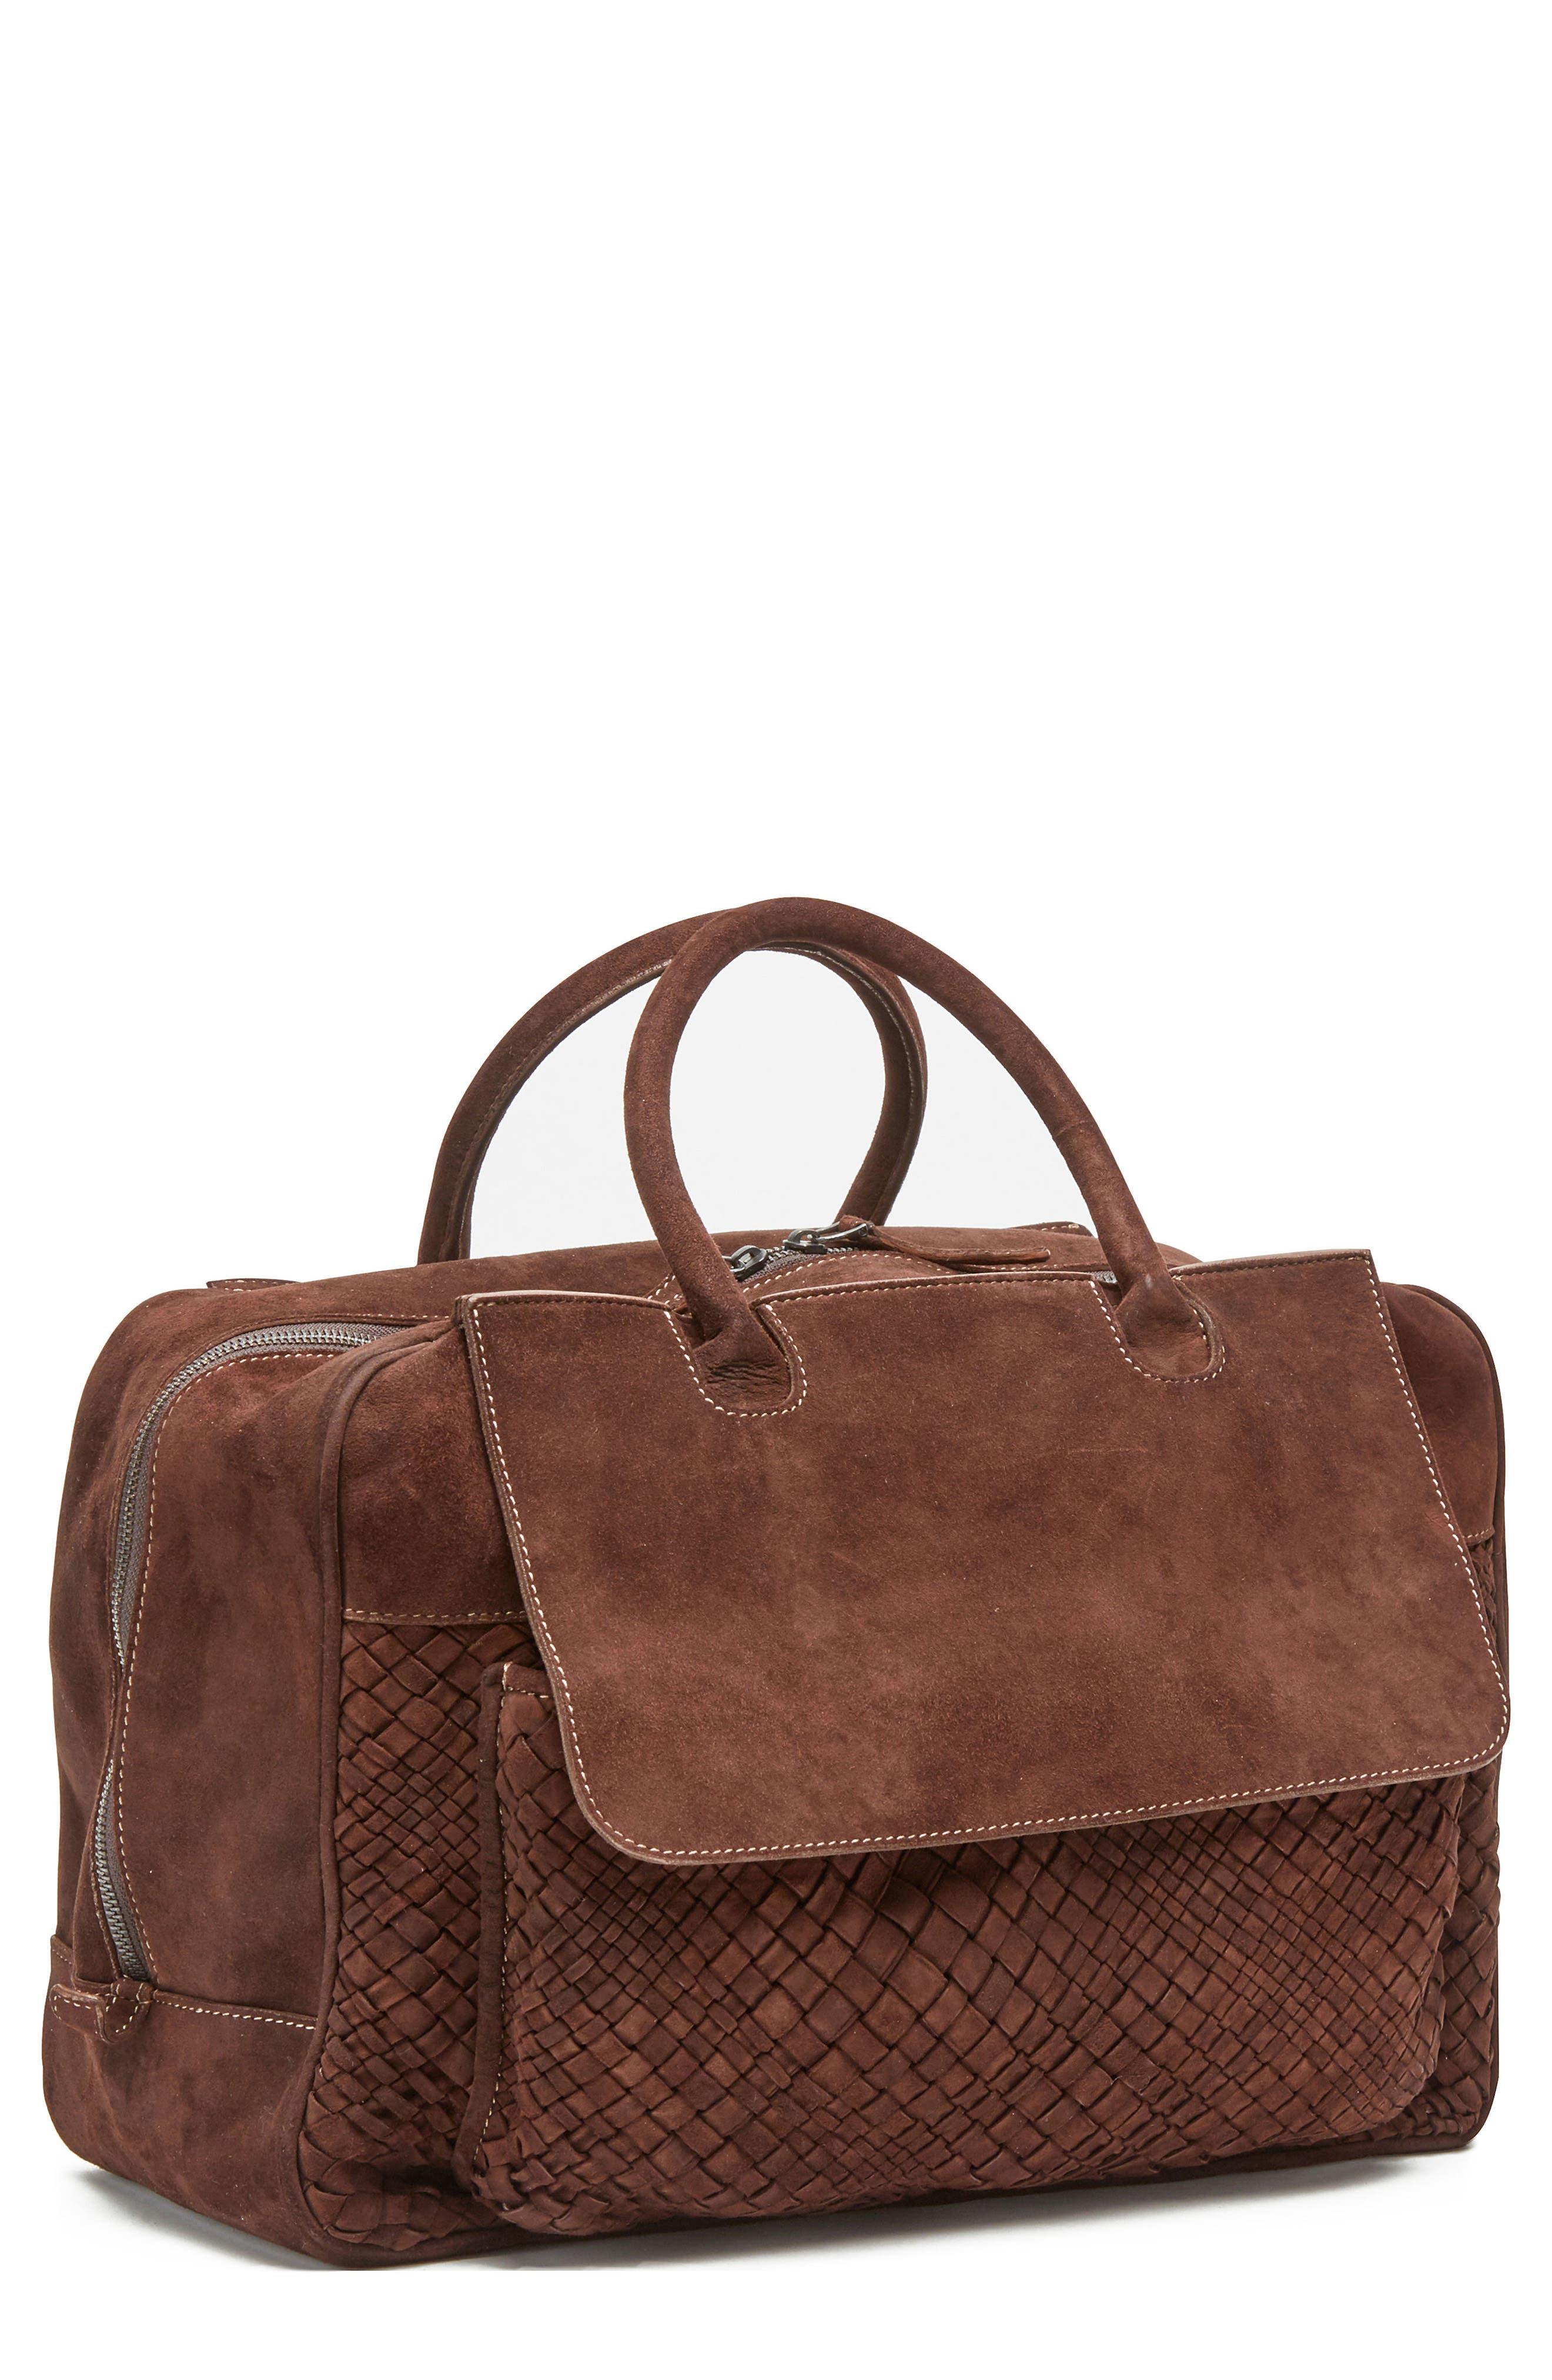 Eleventy Suede Duffel Bag